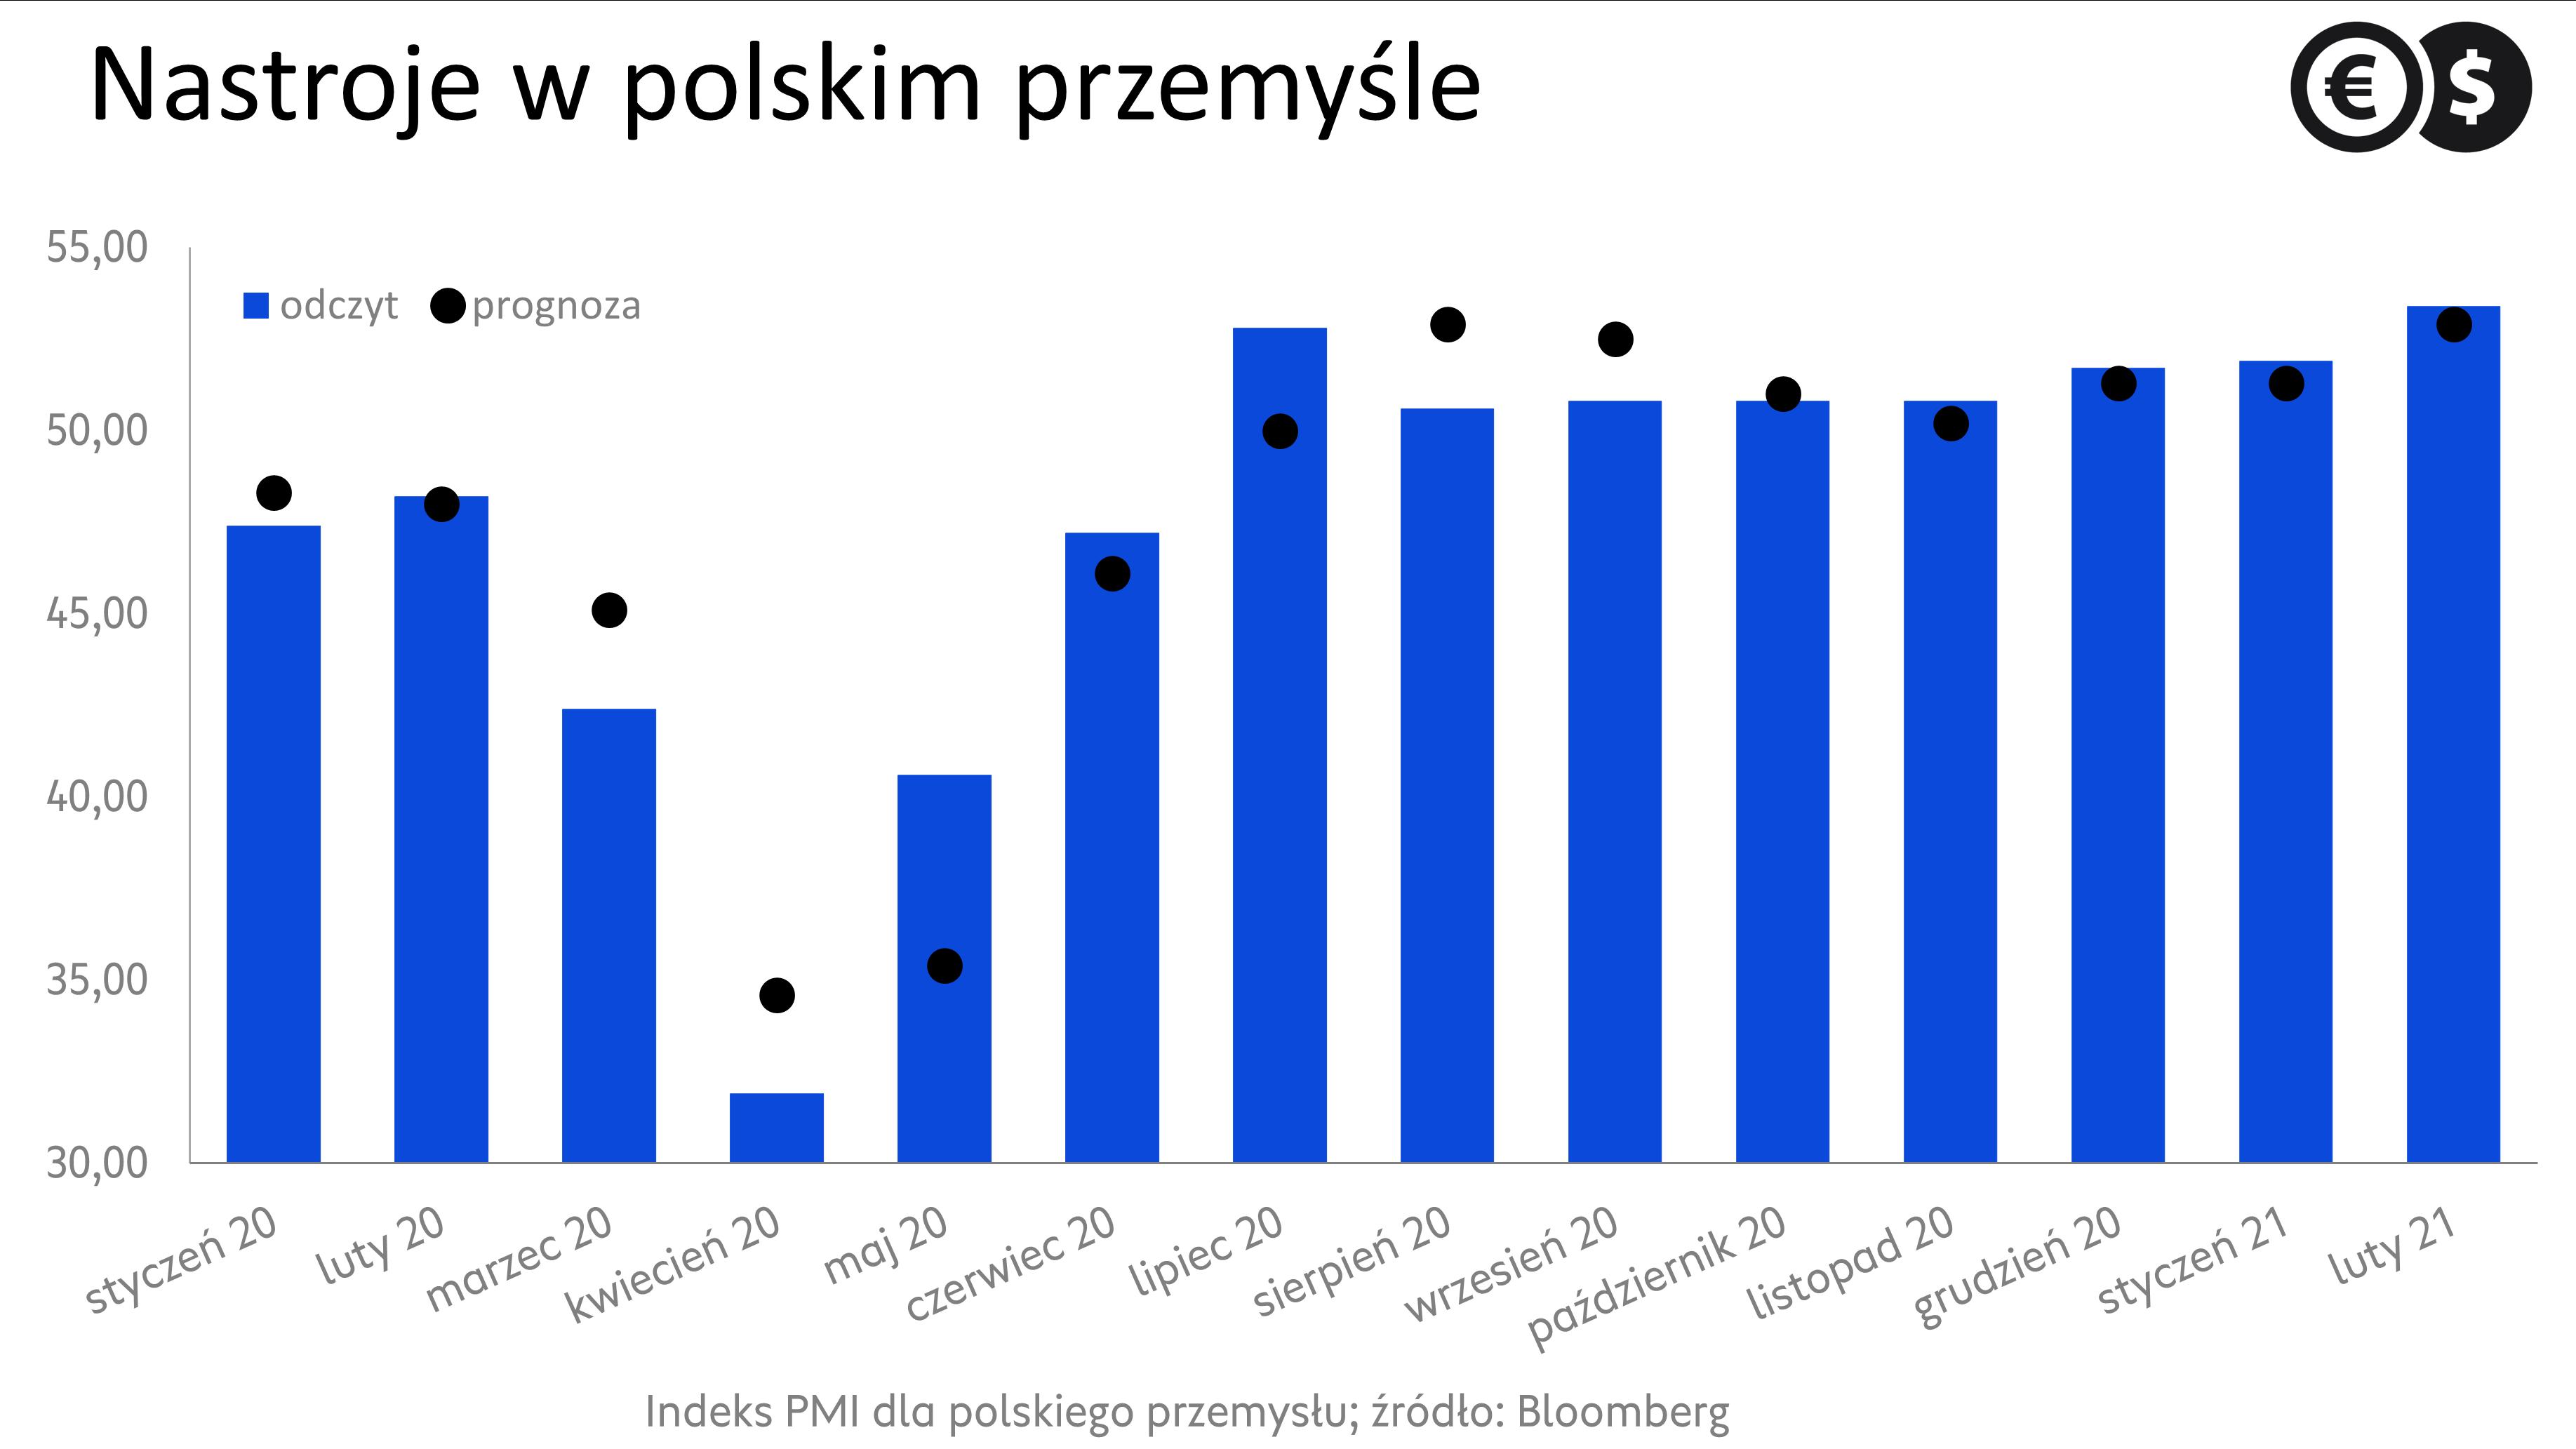 Nastroje w polskim przemyśle